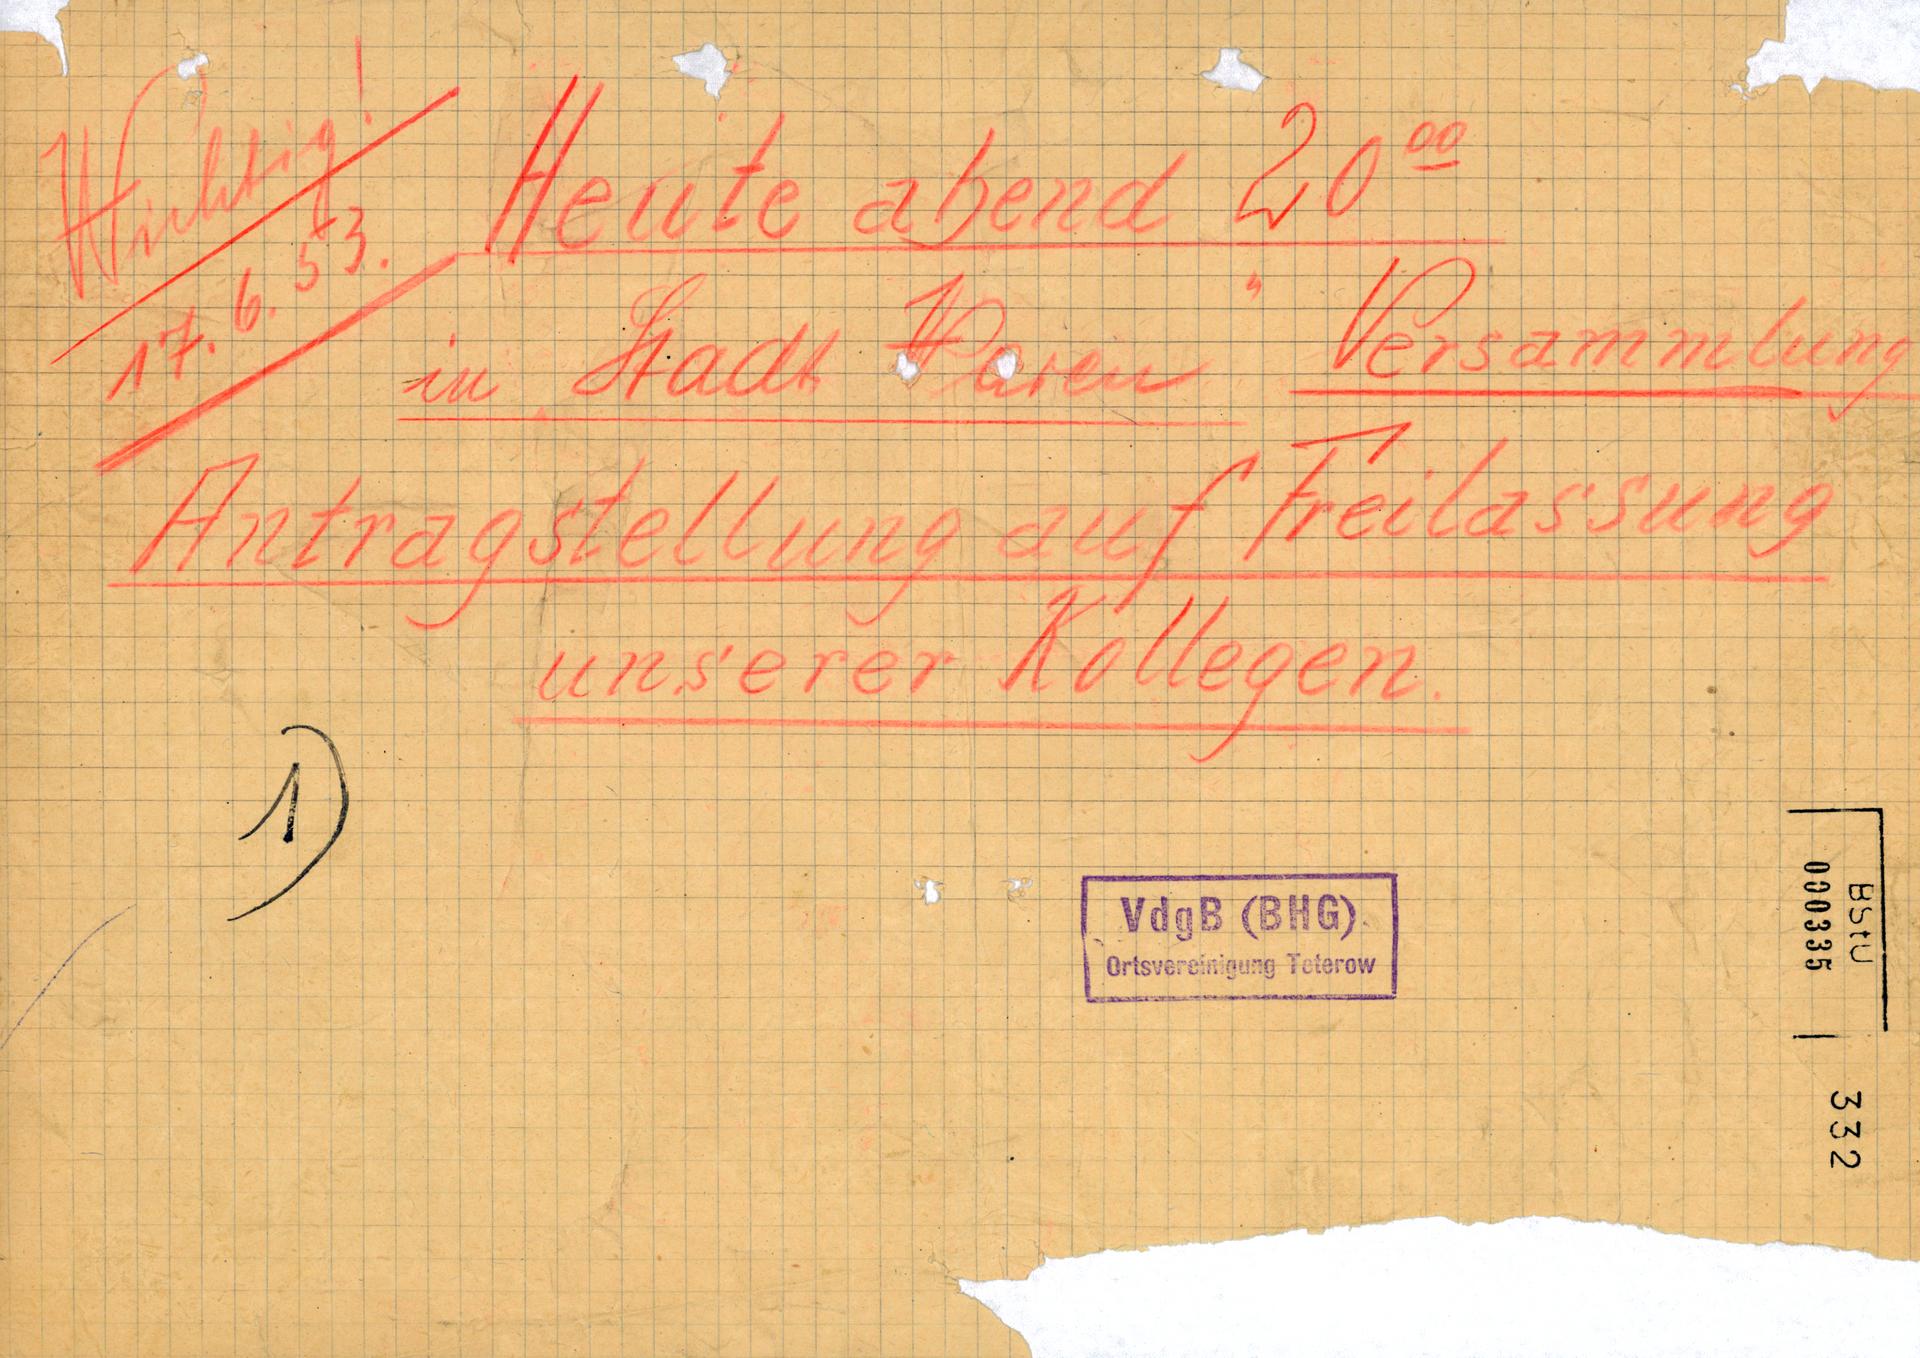 [Der Text wurde handschriftlich mit einem roten Buntstift auf kariertes Papier geschrieben. Der Handzettel ist knittrig und eingerissen, einige Stellen fehlen oder sind löchrig.]  Wichtig! 17.06.53.  Heute abend 20.00 in Stadt Waren Versammlung Antragstellung auf Freilassung unserer Kollegen  1)  [Stempel: VdgB (BHG) Ortsvereinigung Teterow]